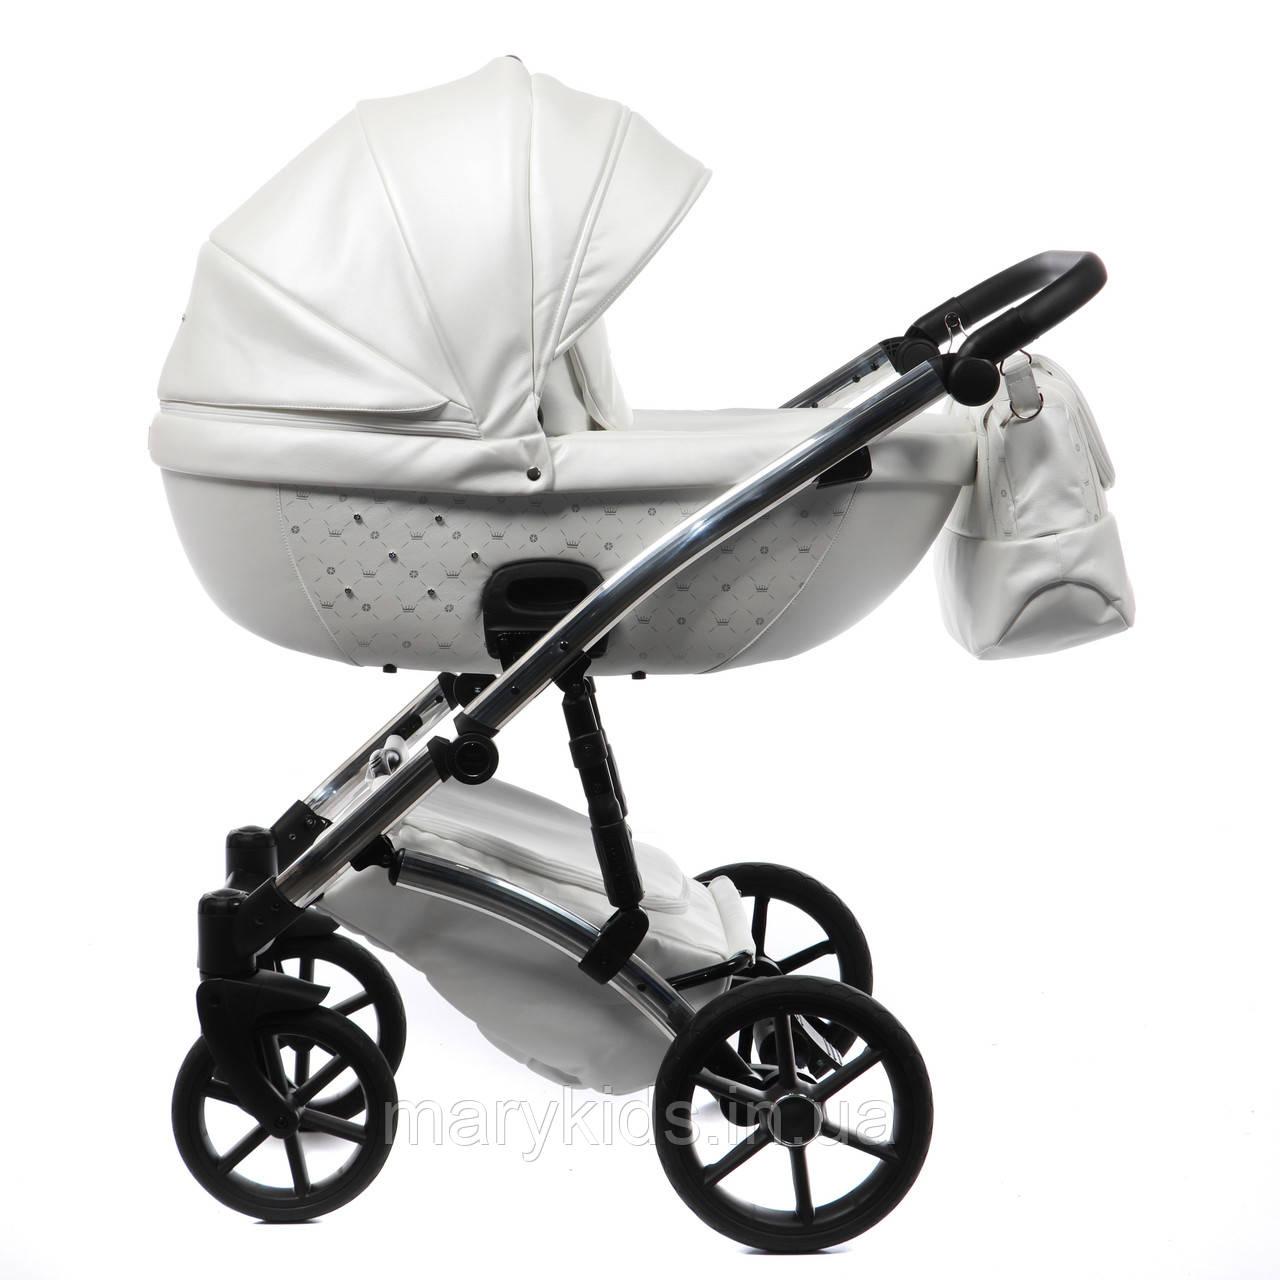 Детская универсальная коляска 2 в 1 Tako Cristal Fluo 01